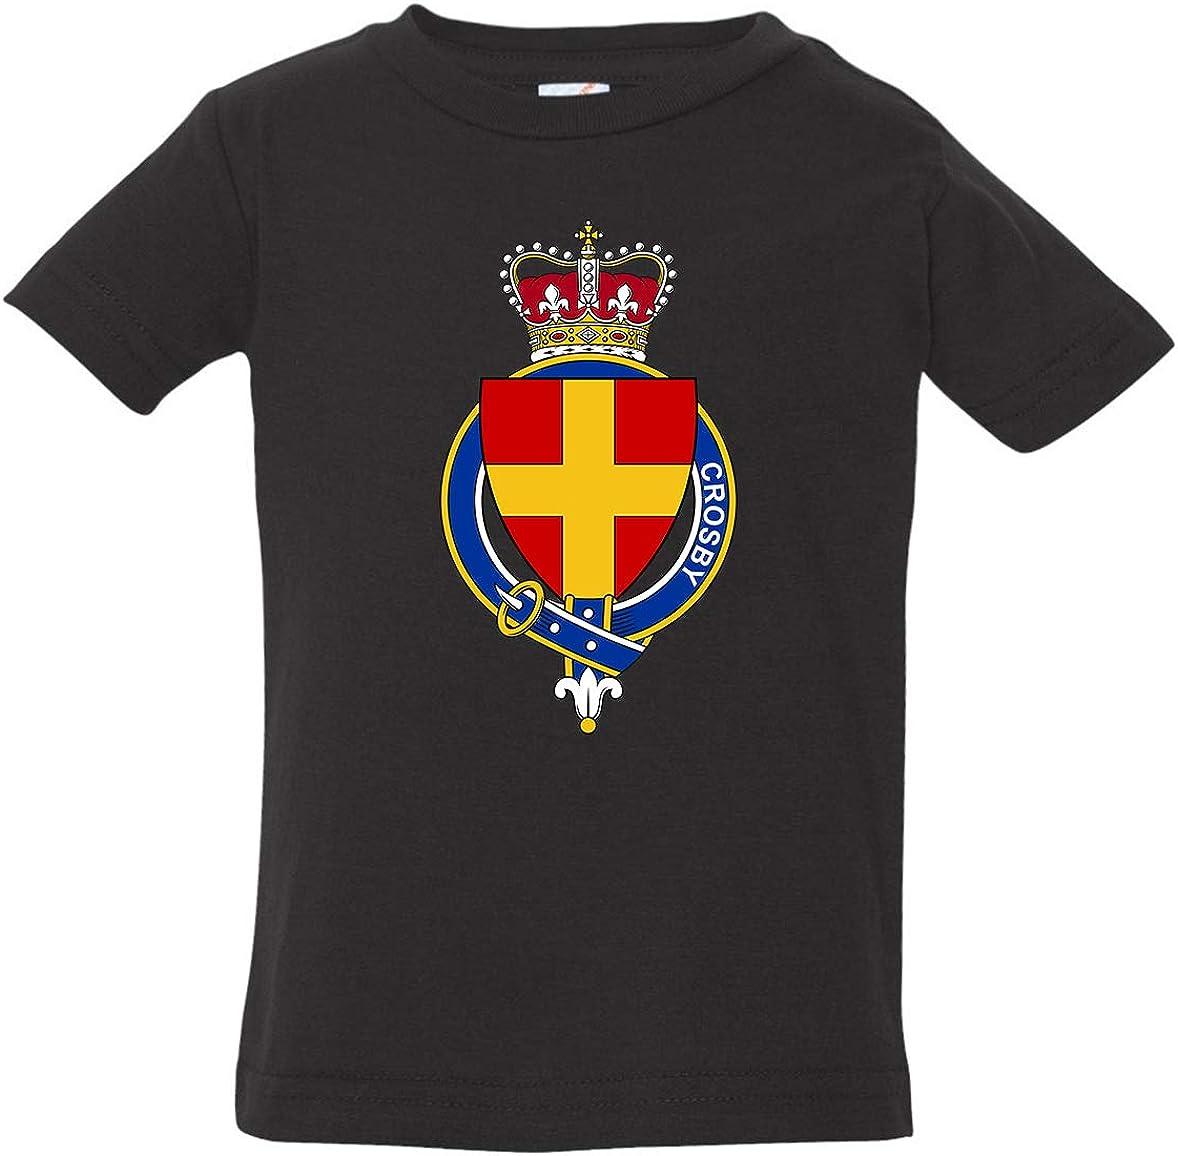 Tenacitee Babys Scottish Garter Family Crosby Shirt